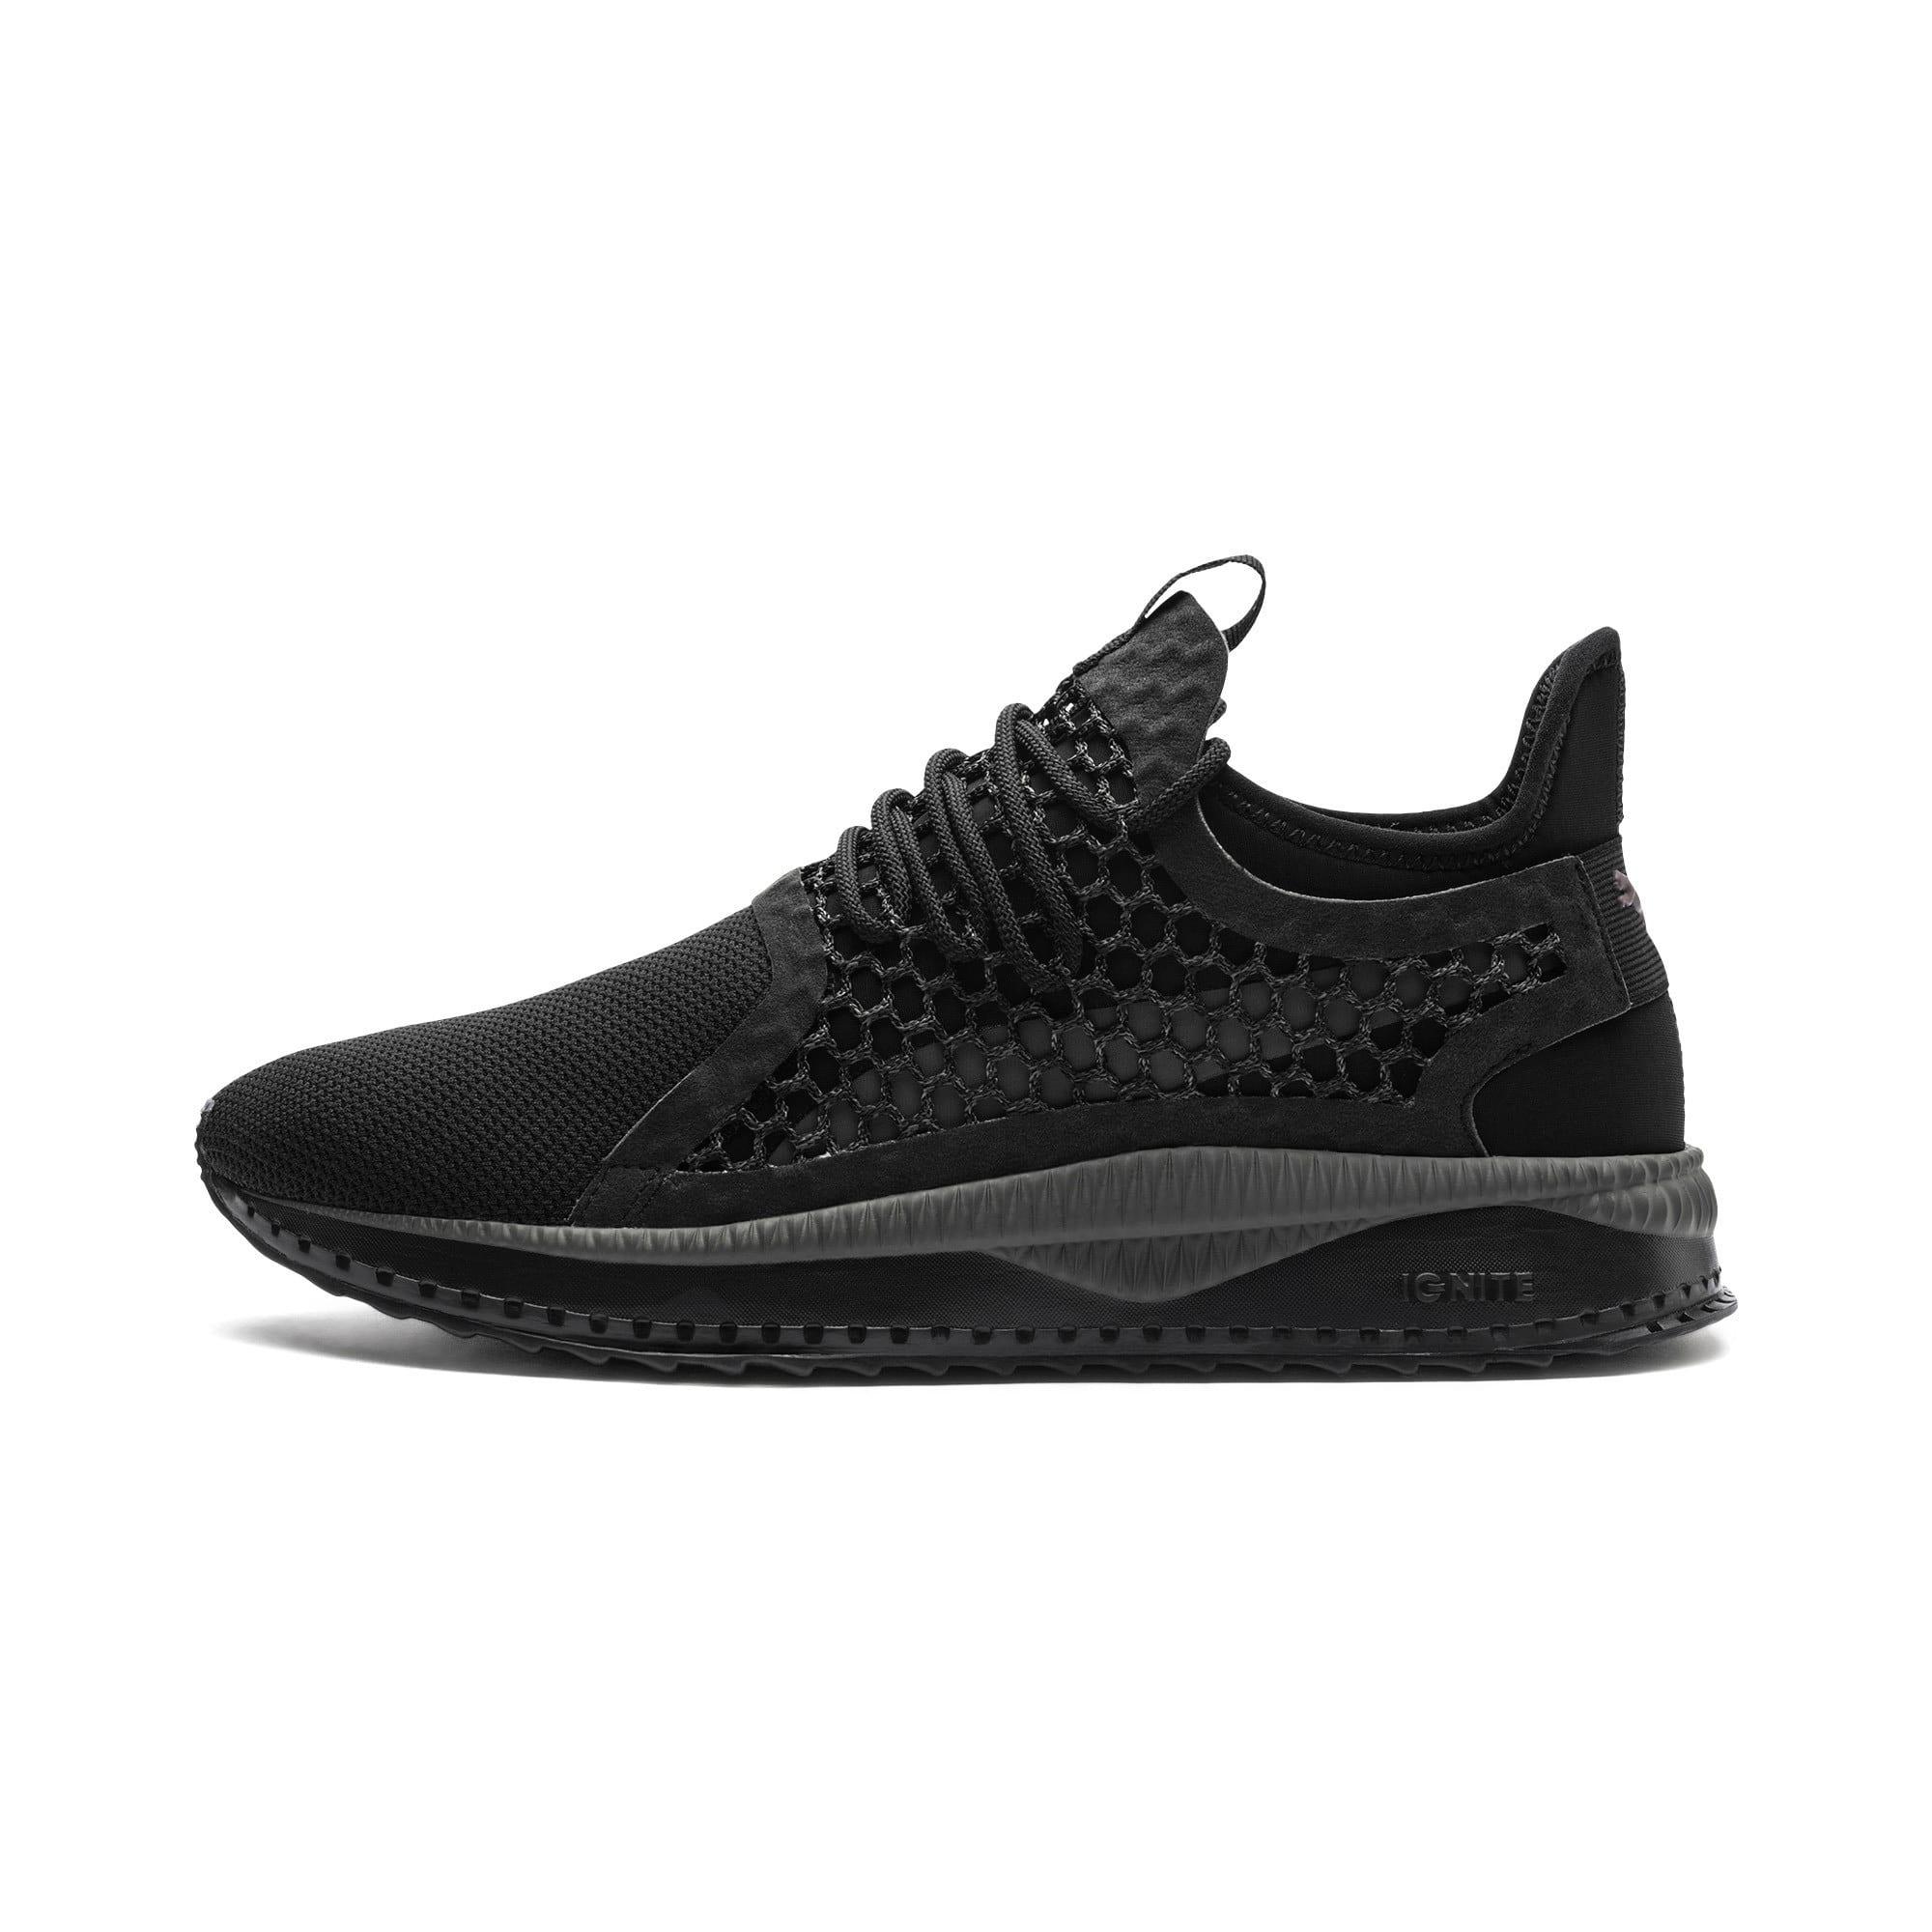 PUMA Tsugi Netfit V2 Black & White Shoes